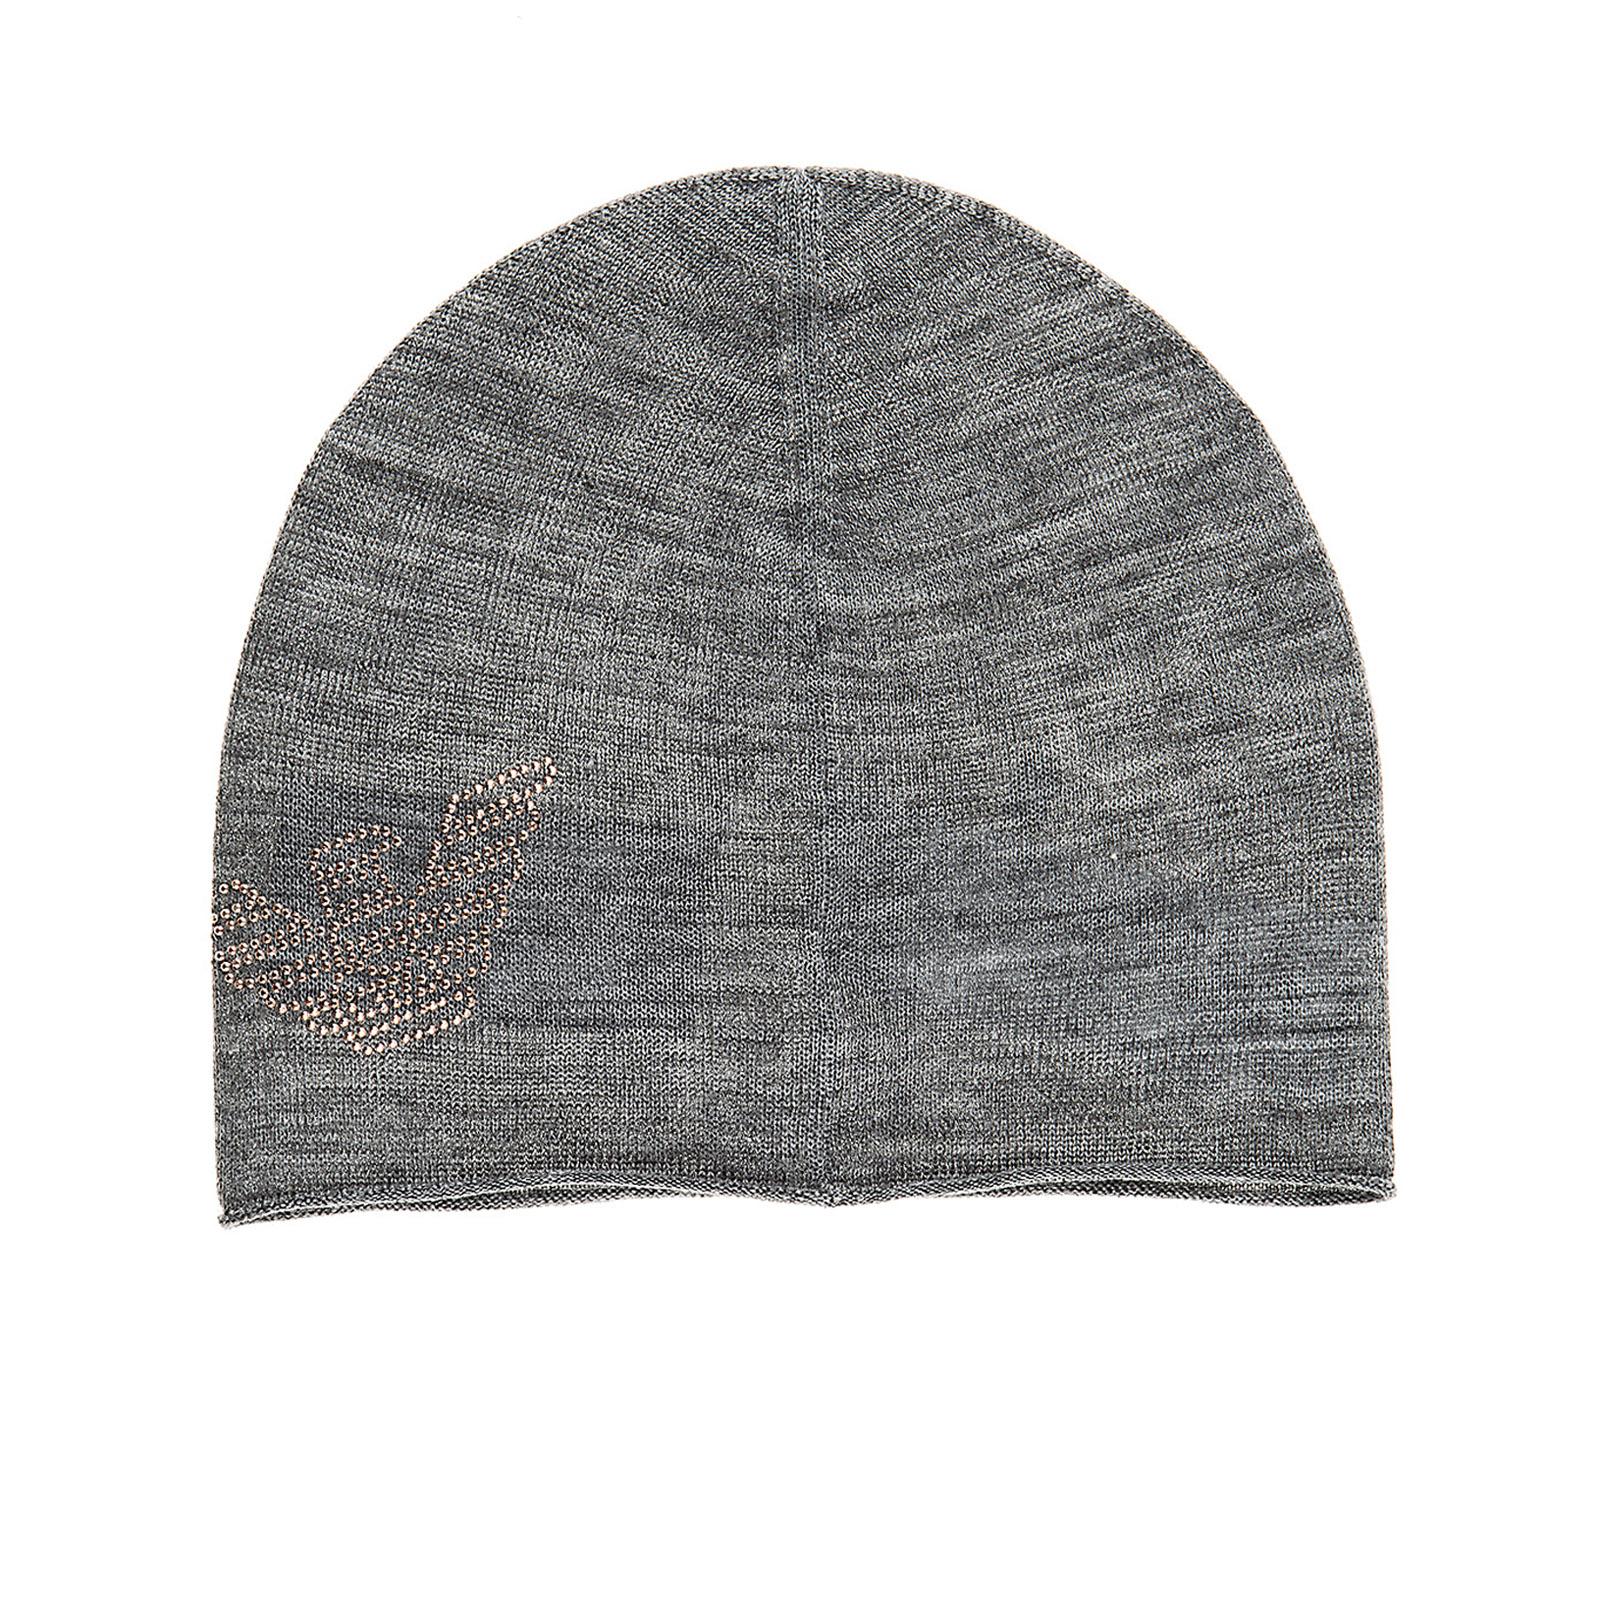 Gorro de mujer sombrero  train strass